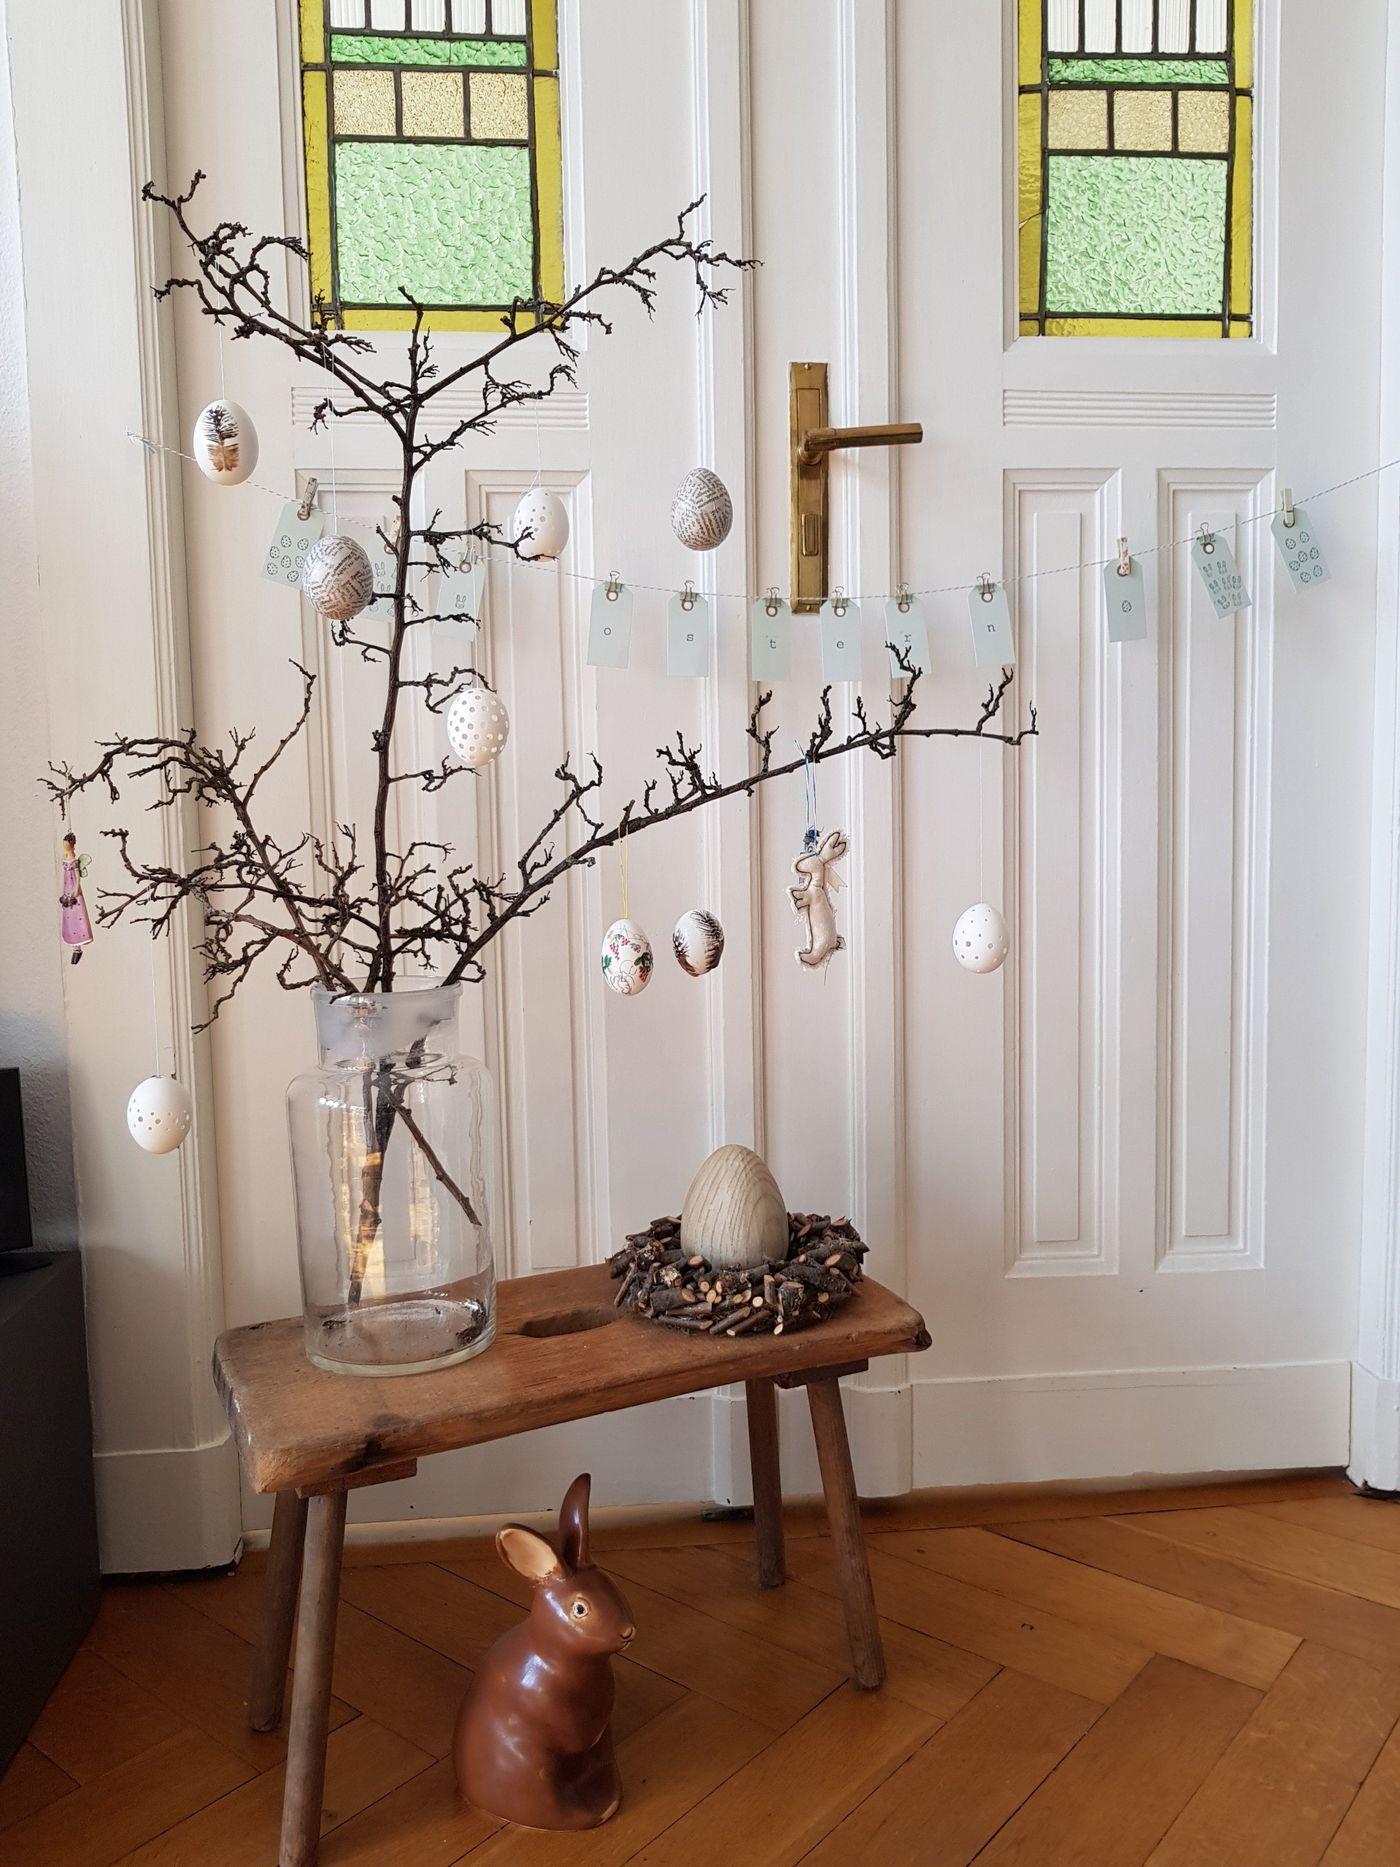 ostereier gestalten ideen und anleitungen seite 2. Black Bedroom Furniture Sets. Home Design Ideas